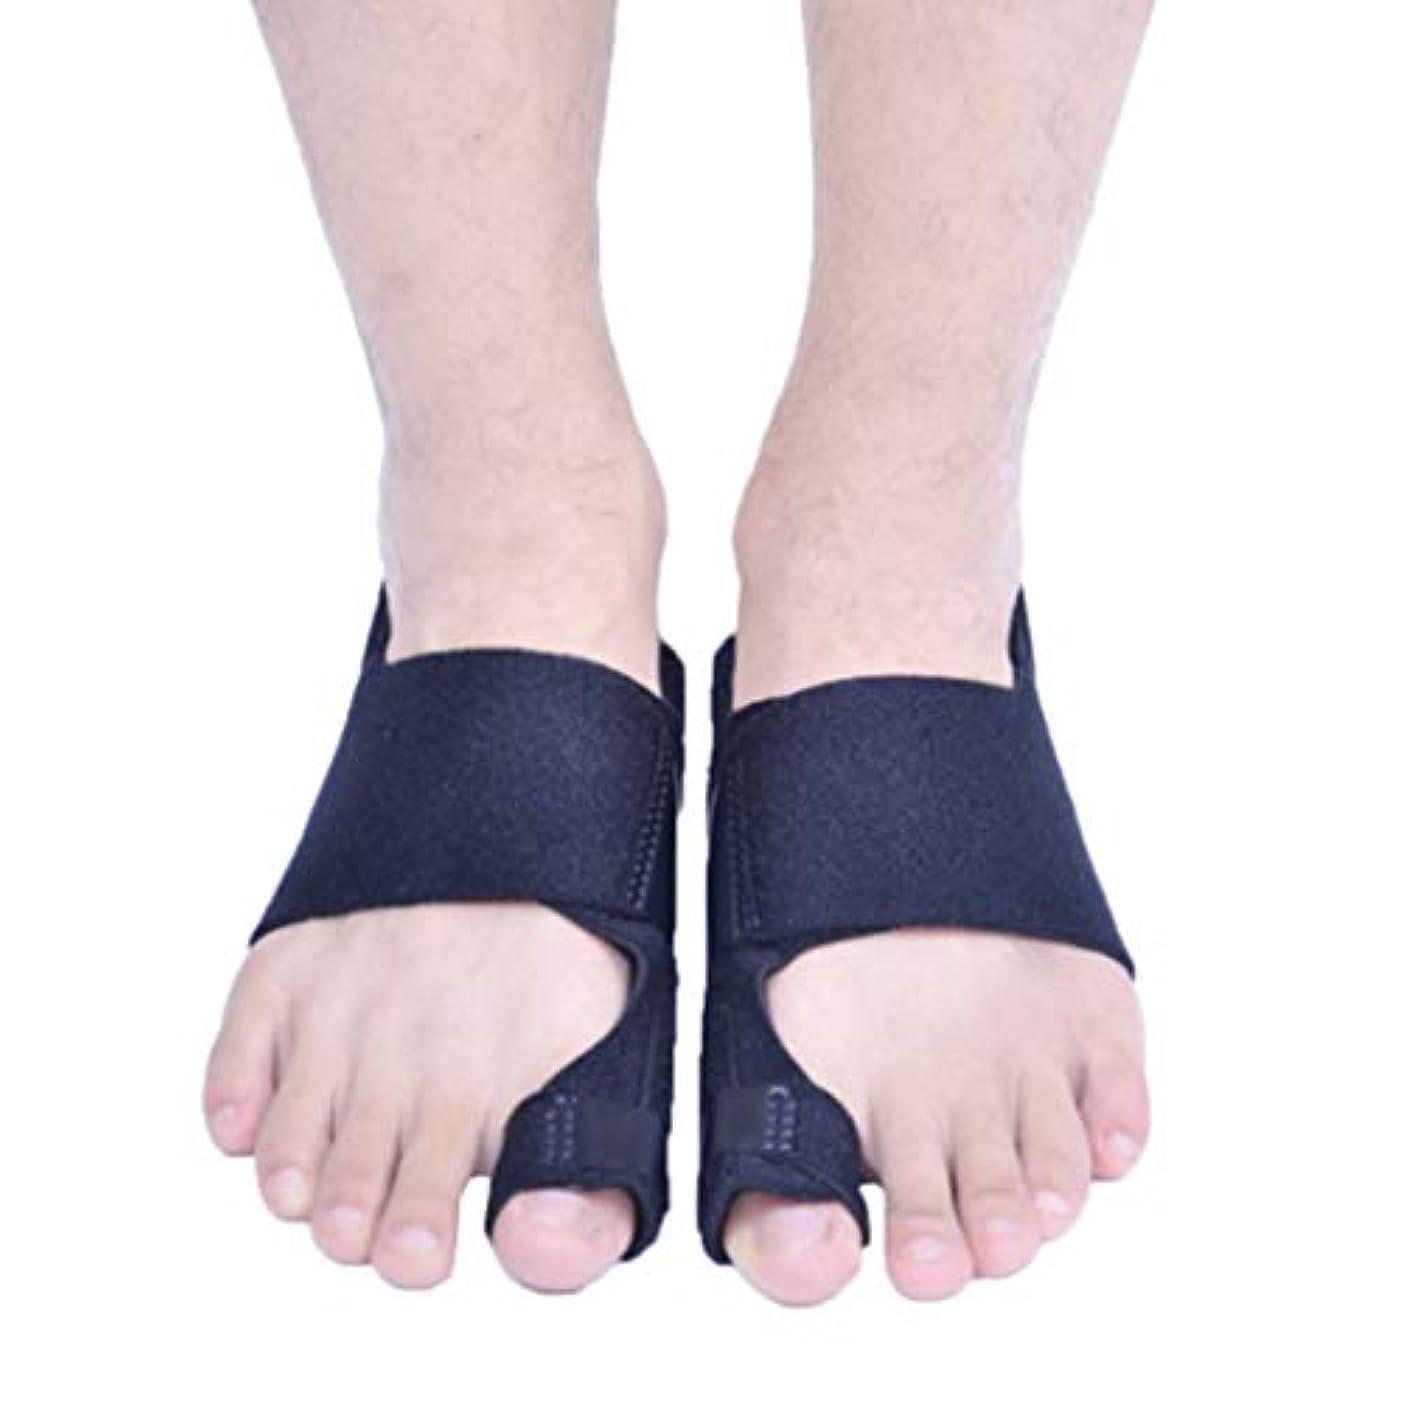 妥協クラッシュネコ痛み外反母趾ブレース、親指の外反ブレース外反母趾ブレースbunions補正がなだめるサイズです